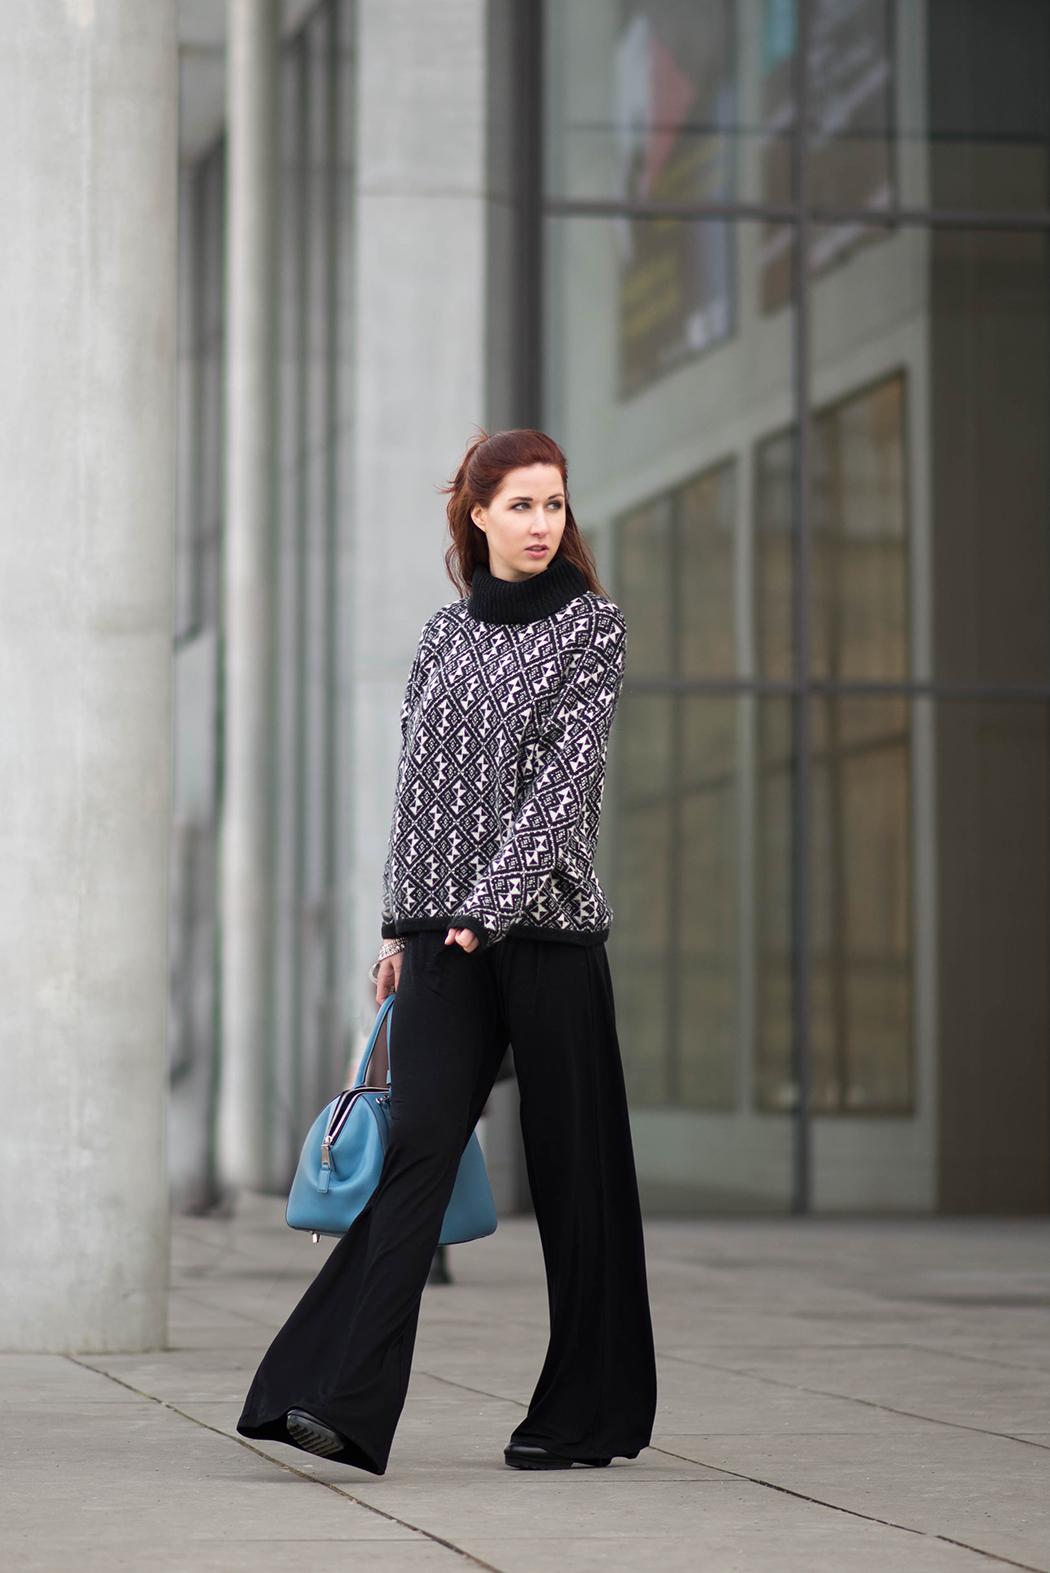 Fashionblog-München-Marc-Jacobs-Incognito-light-blue-Schlaghose-Fashionblogger-Deutschland-6